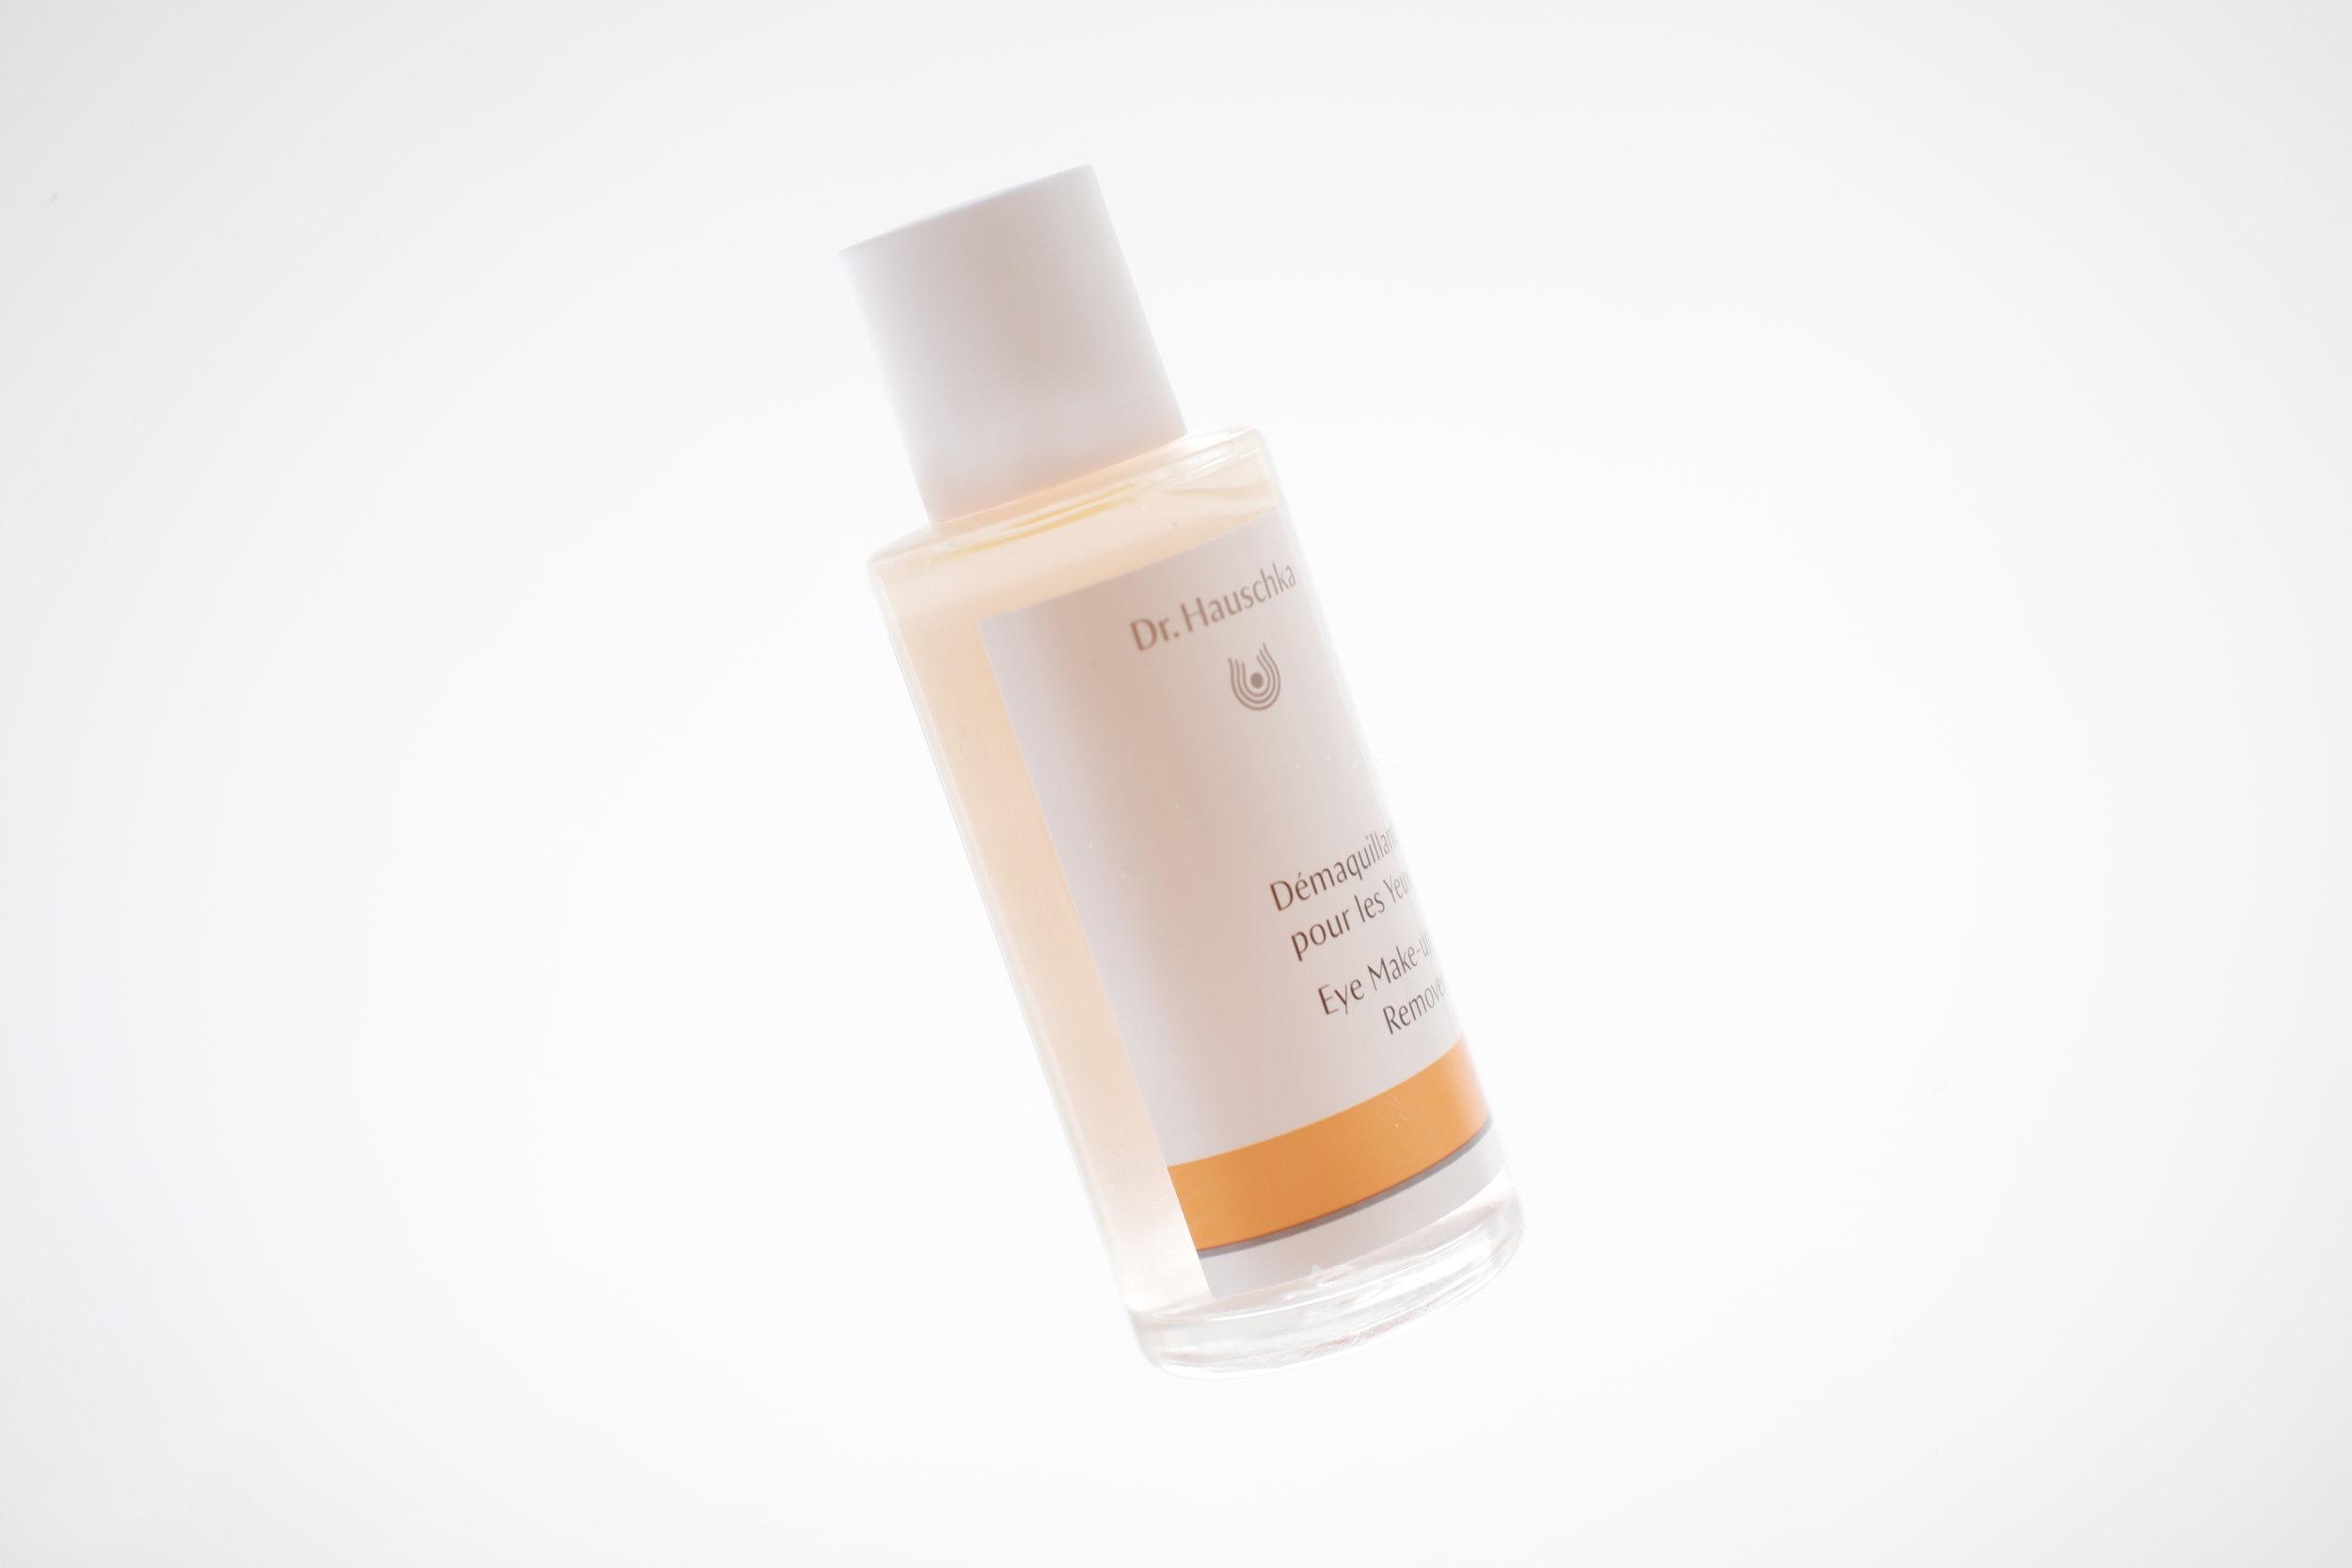 Viikko 25/2019:  Dr. Hauschka Eye Make-up Remover  - Herkillekin silmille soveltuva tehokas silmämeikinpoistoaine, joka ei kirvele silmissä tai jätä silmänympärysihoa kiristävän kuivaksi. Hoitaa ihoa, ripsiä ja kulmakarvoja ruusuveden ja auringonkukan- sekä seesamiöljyn avulla. Ripsistä tulee selkeästi vahvemmat putsarin avulla. Poistaa jopa vedenkestävän (ja synteettisen) ripsivärin!